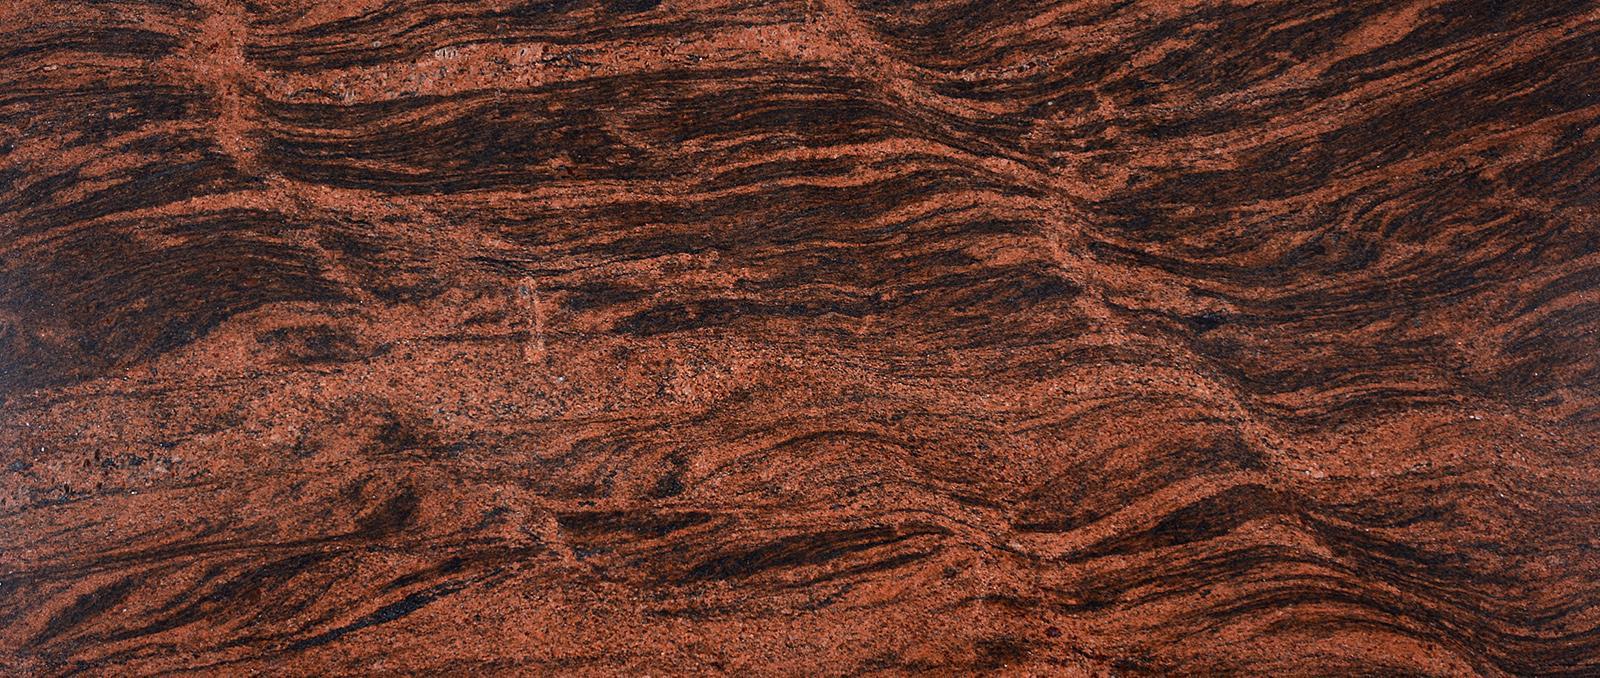 vreaupiatra-granit-rosu-multicolor-banner